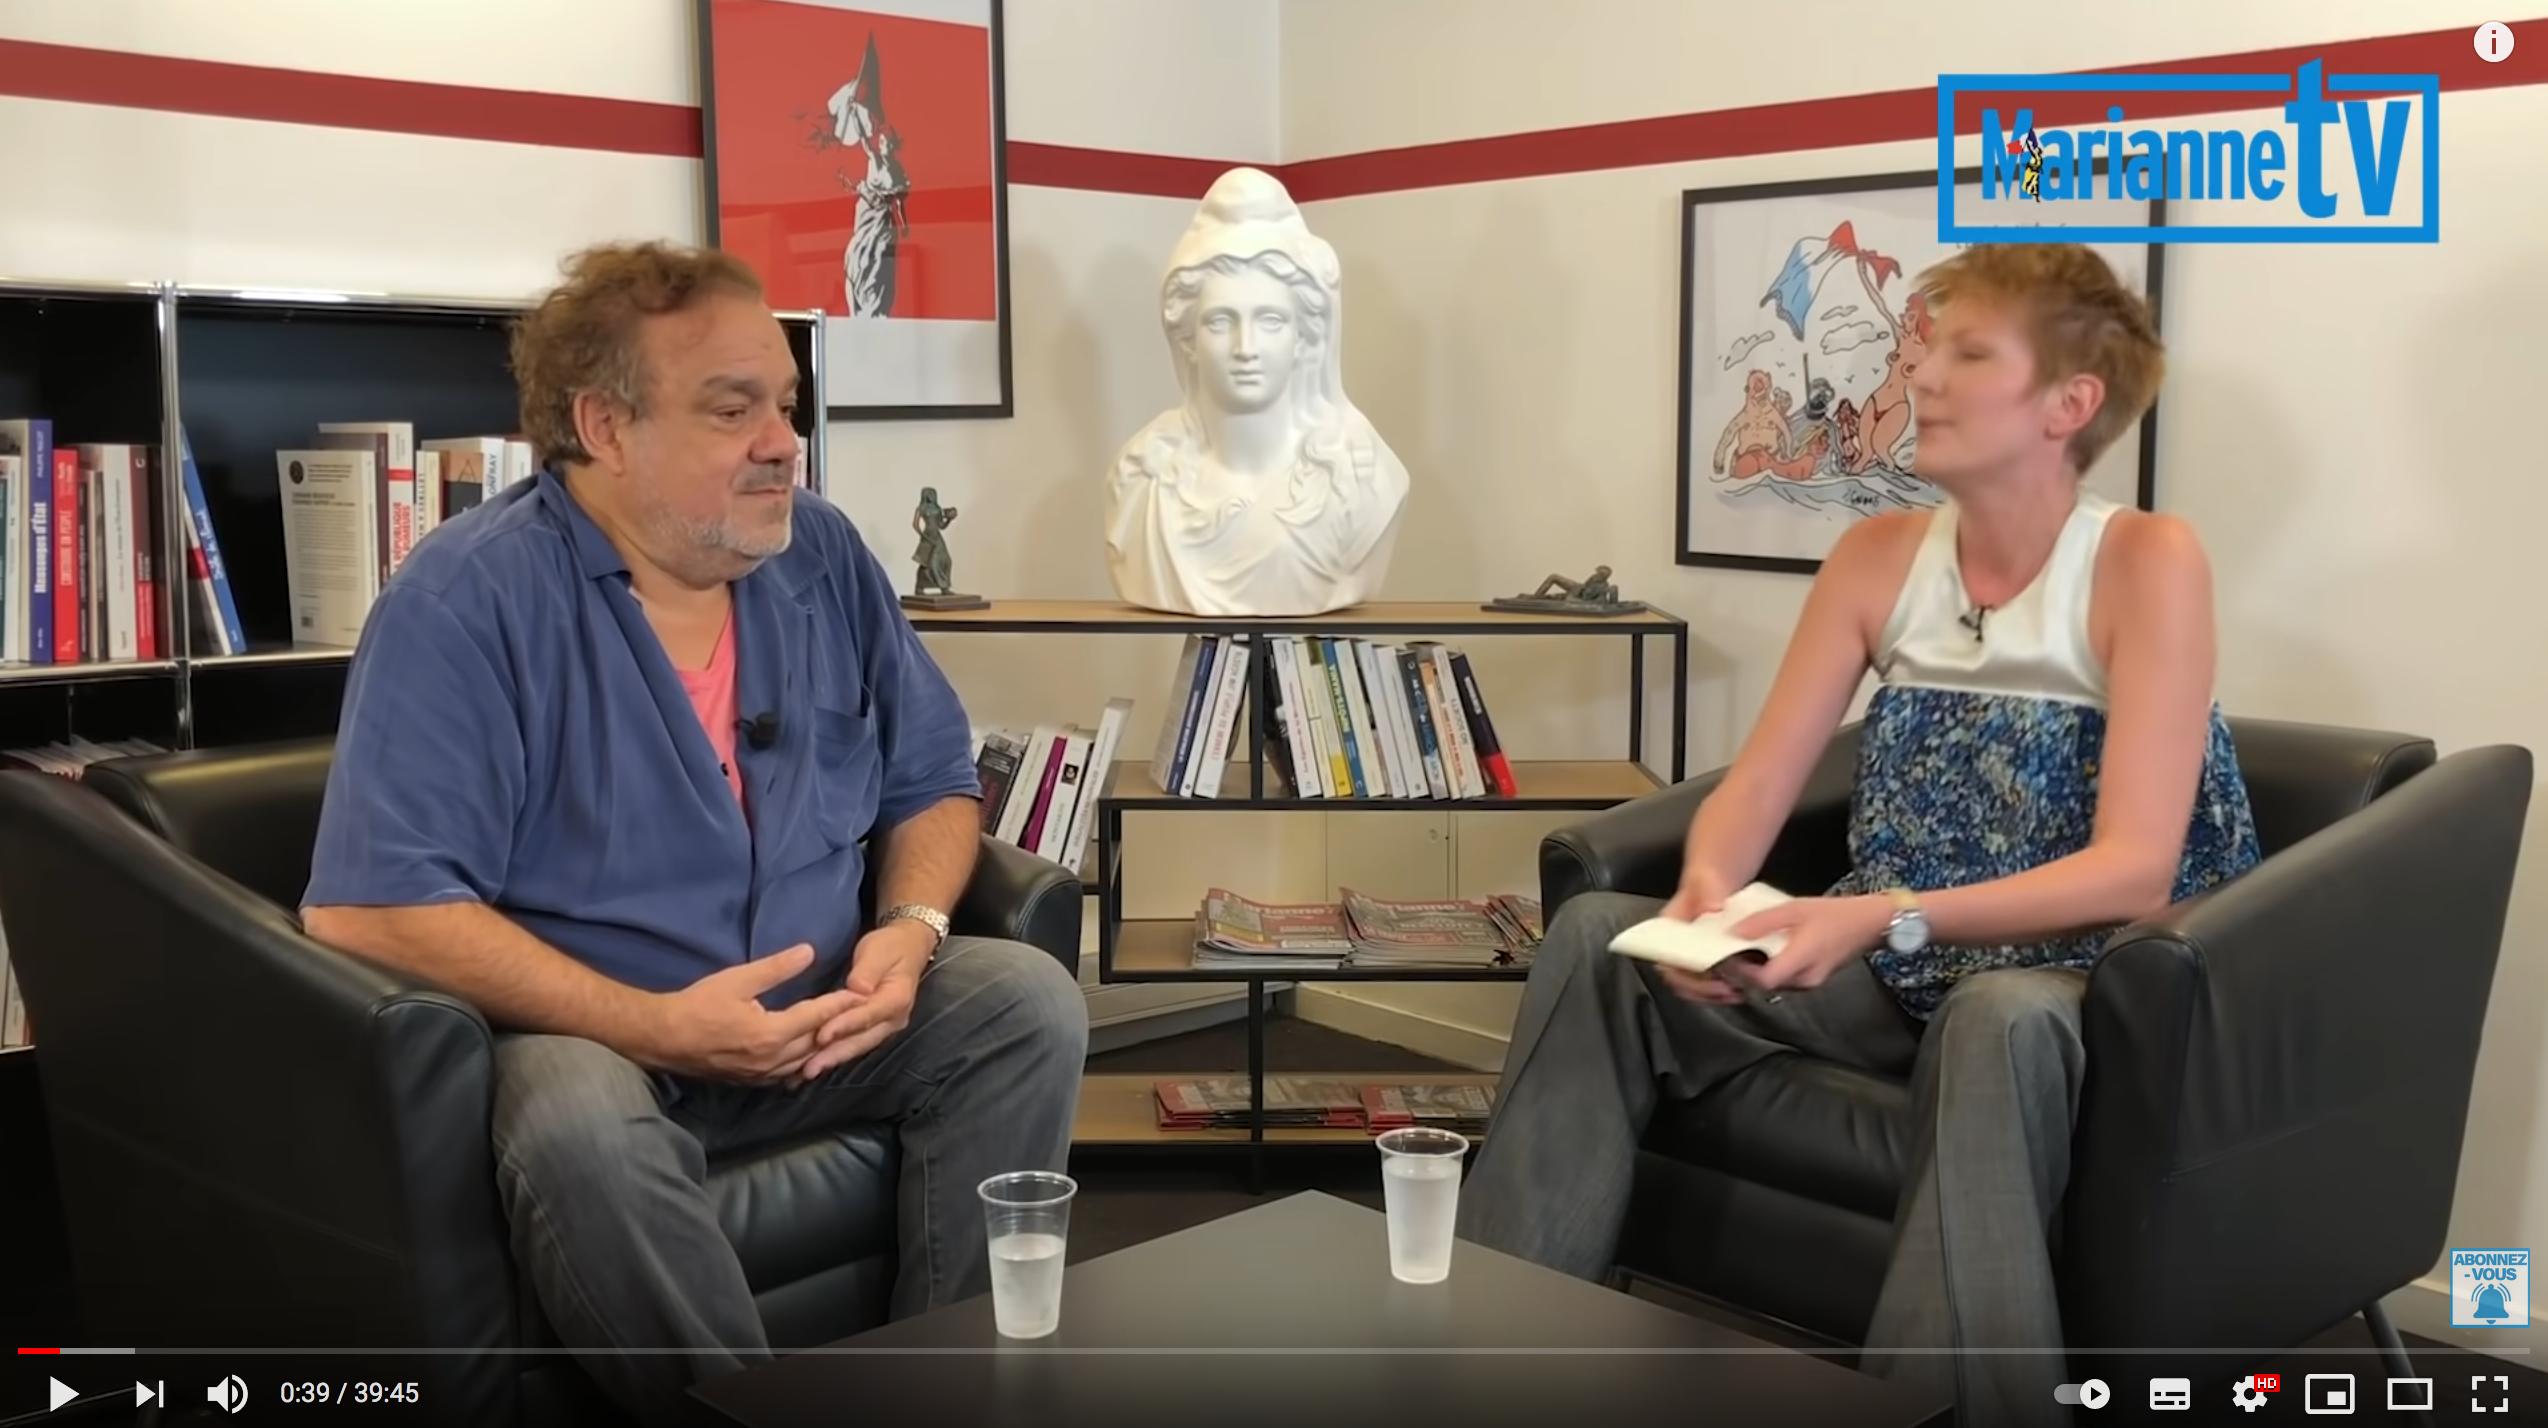 Didier Bourdon : « Le rire est menacé aujourd'hui » (VIDÉO)